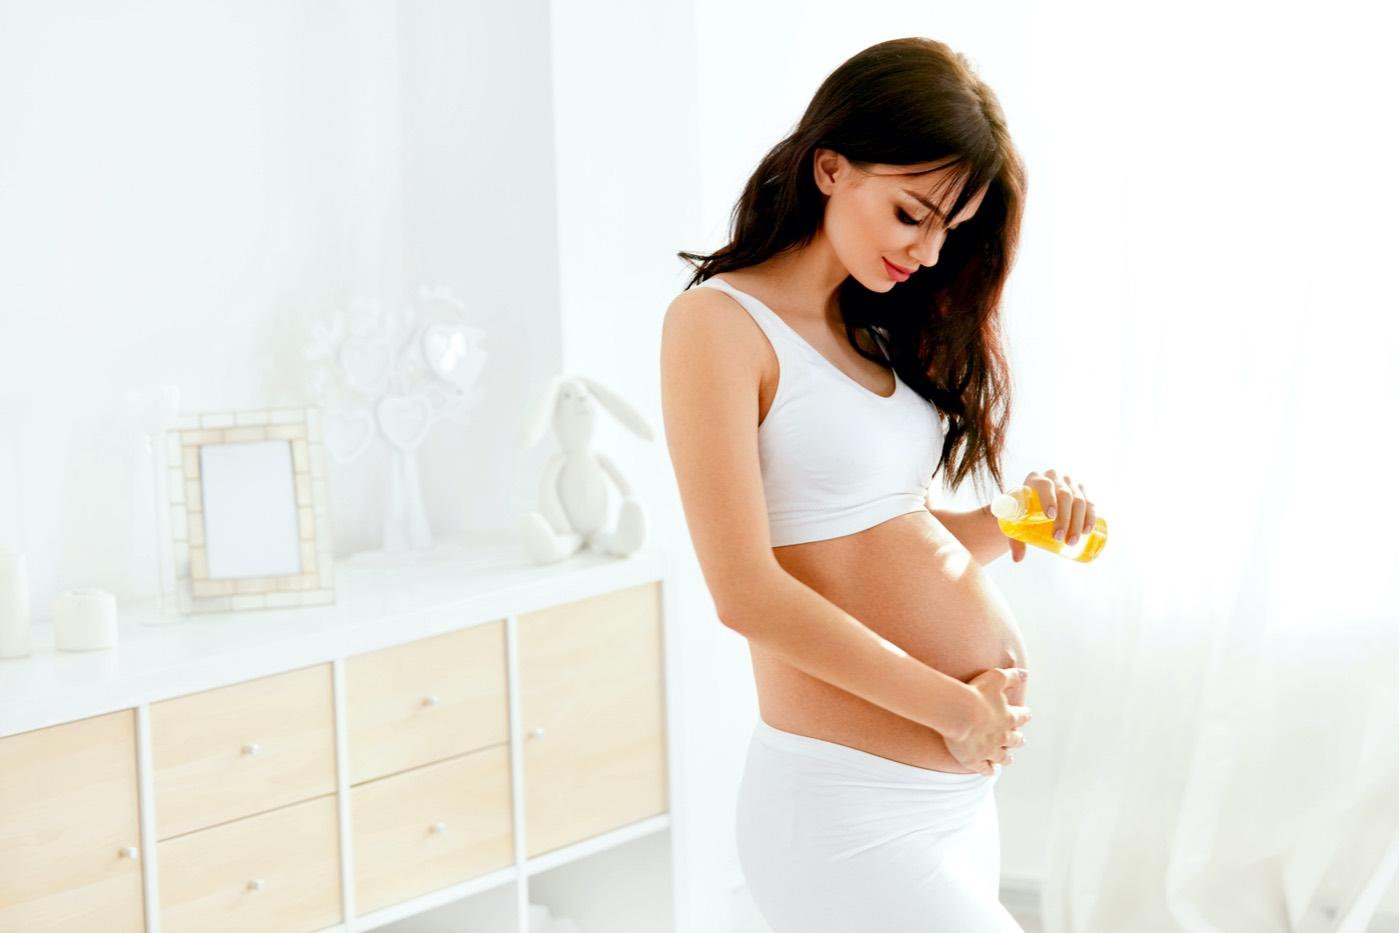 Cuidados naturales para la piel de mujeres extraordinarias, según Mustela